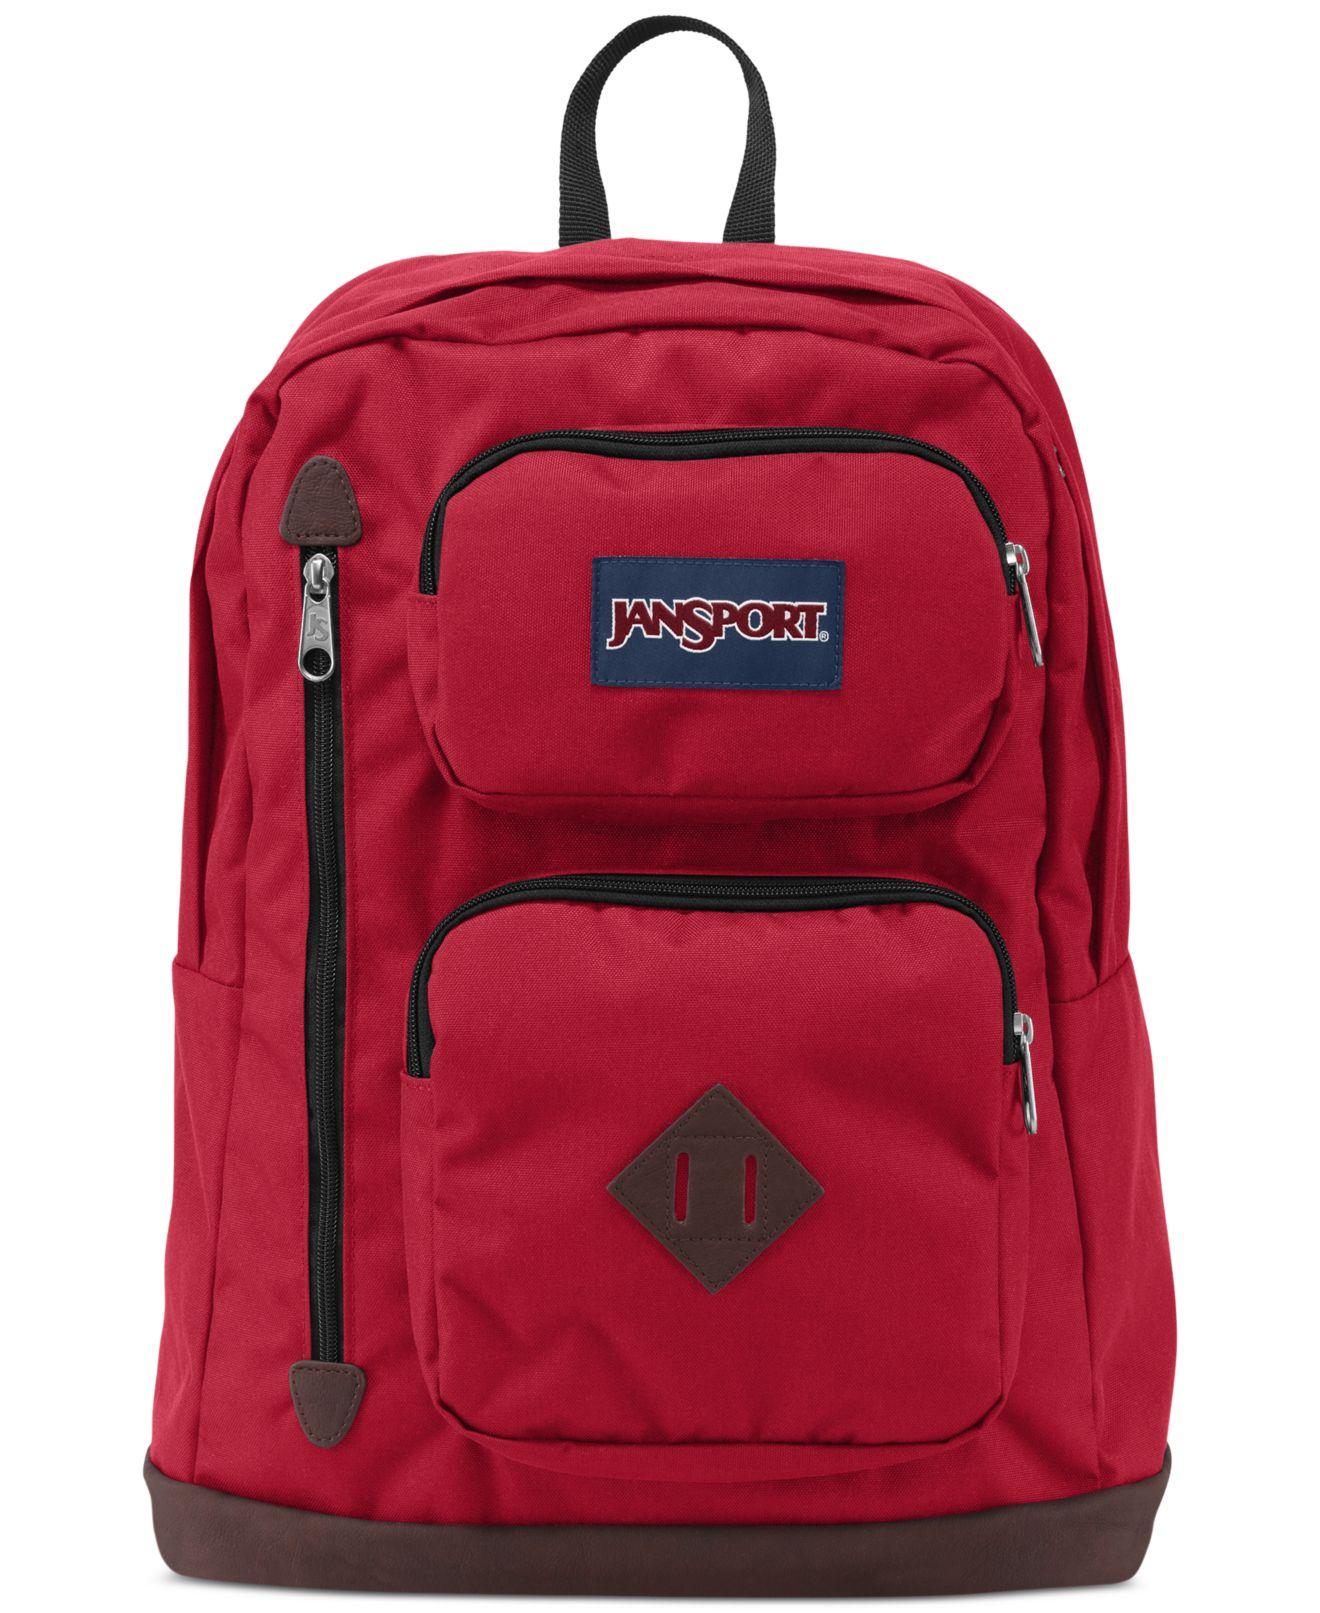 Jansport Backpack Clearance - Crazy Backpacks